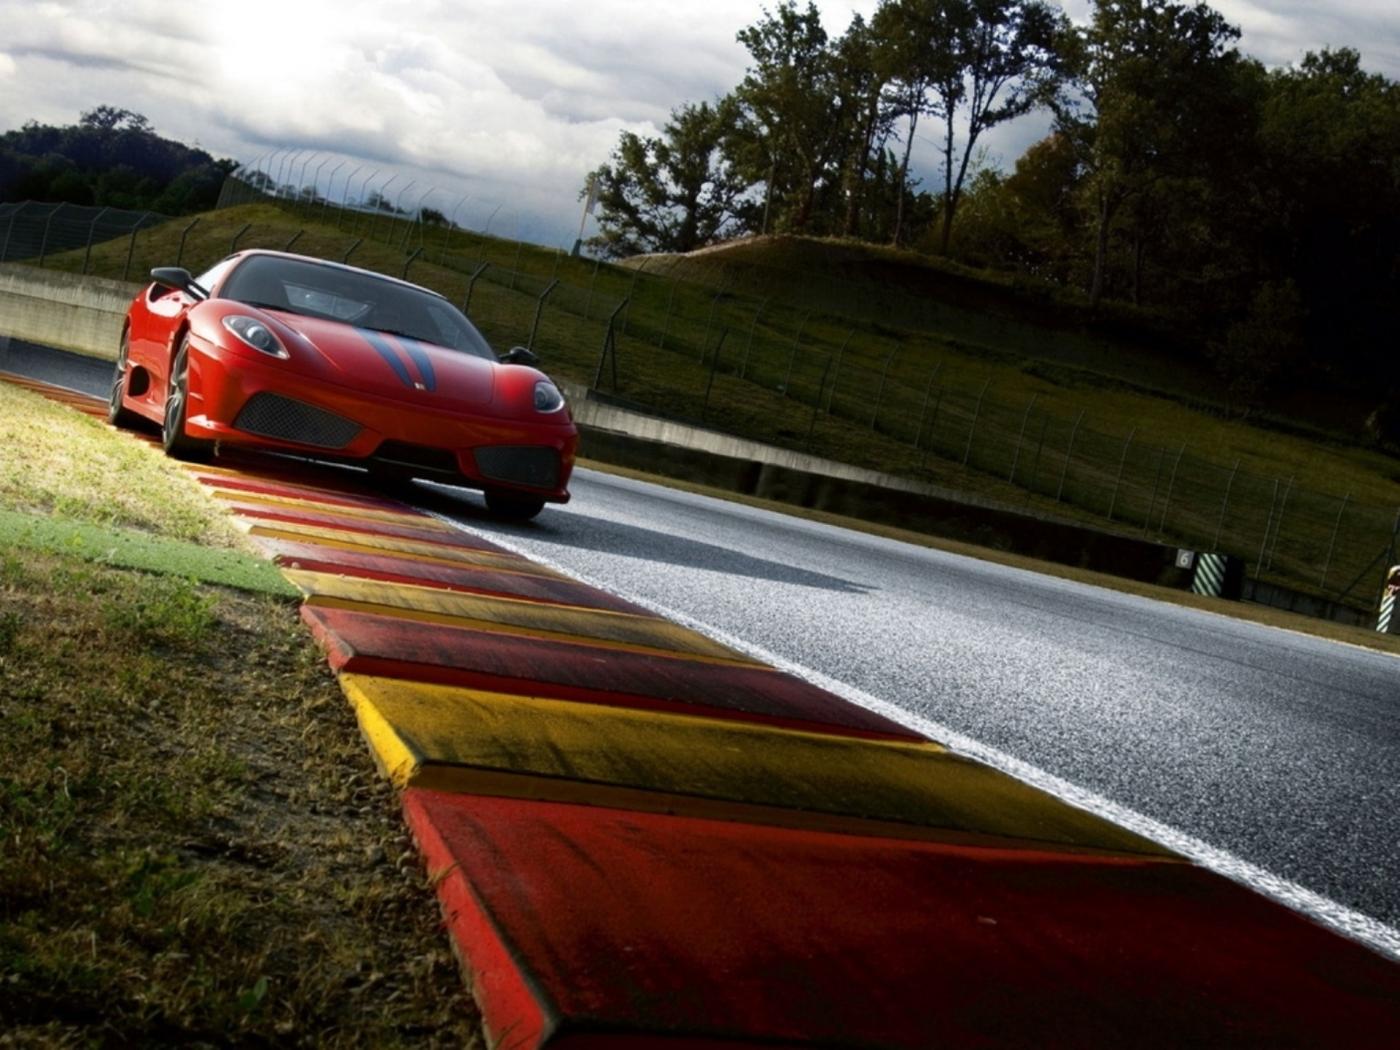 42114 скачать обои Транспорт, Машины, Феррари (Ferrari) - заставки и картинки бесплатно